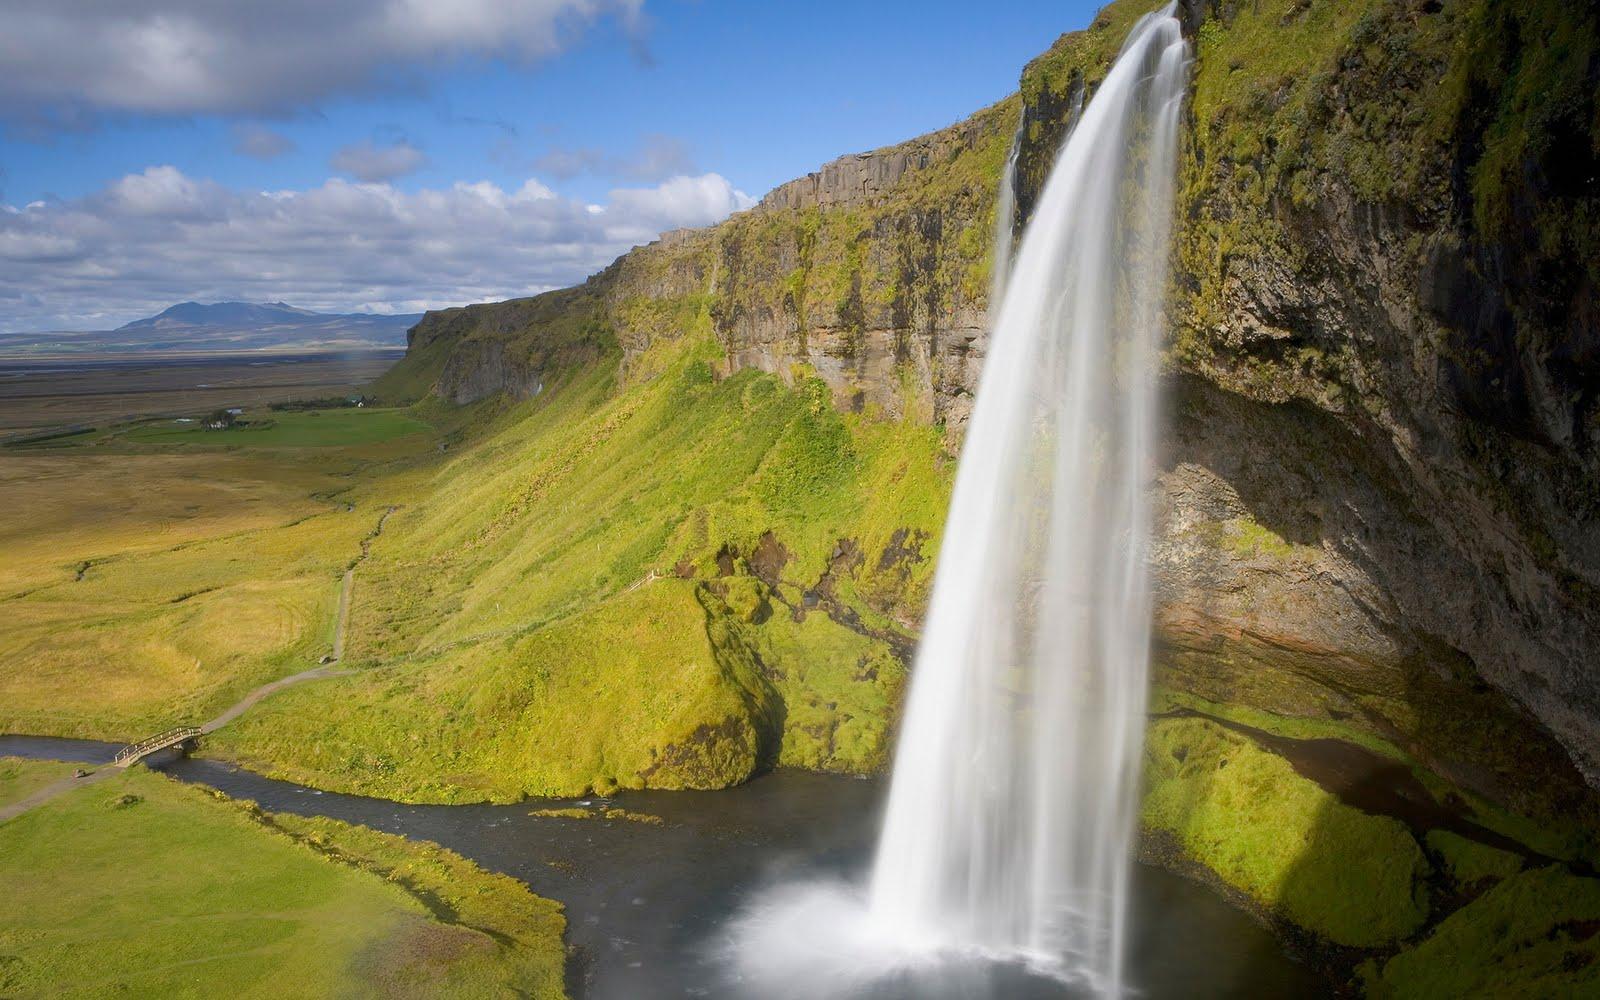 http://2.bp.blogspot.com/-0Cd5FMcQros/TeHc6T8b_fI/AAAAAAAAAI4/dDRtwkXY2hY/s1600/BEautFull+Water+Scenery+Wallpapers+%252825%2529.jpg